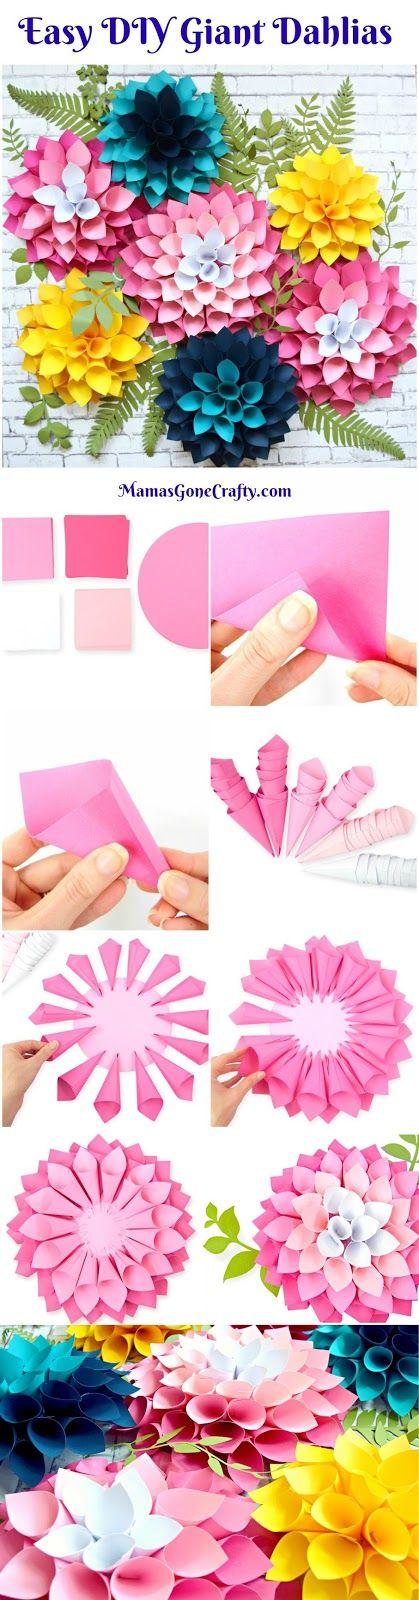 Jak vyrobit obří papír květ jiřiny.  Květinové šablony.  DIY květiny papír.  Jak udělat květinovou stěnu.